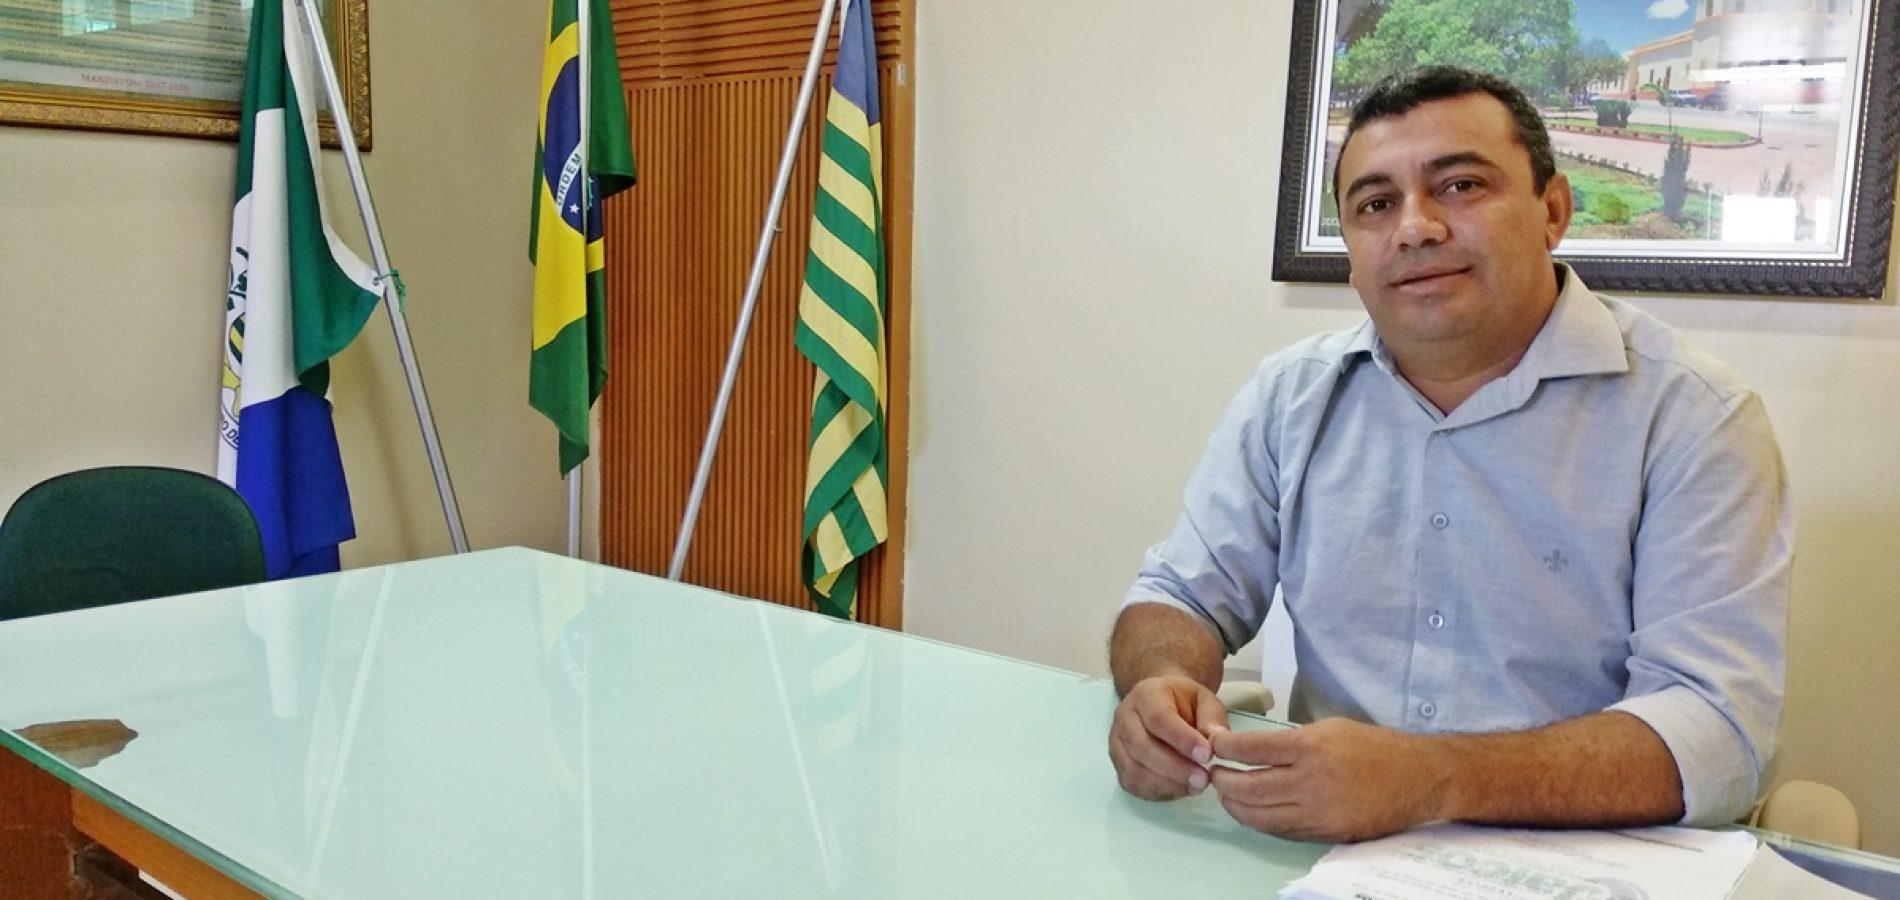 JAICÓS | Gestão do prefeito Neném de Edite tem 70% de aprovação, diz pesquisa